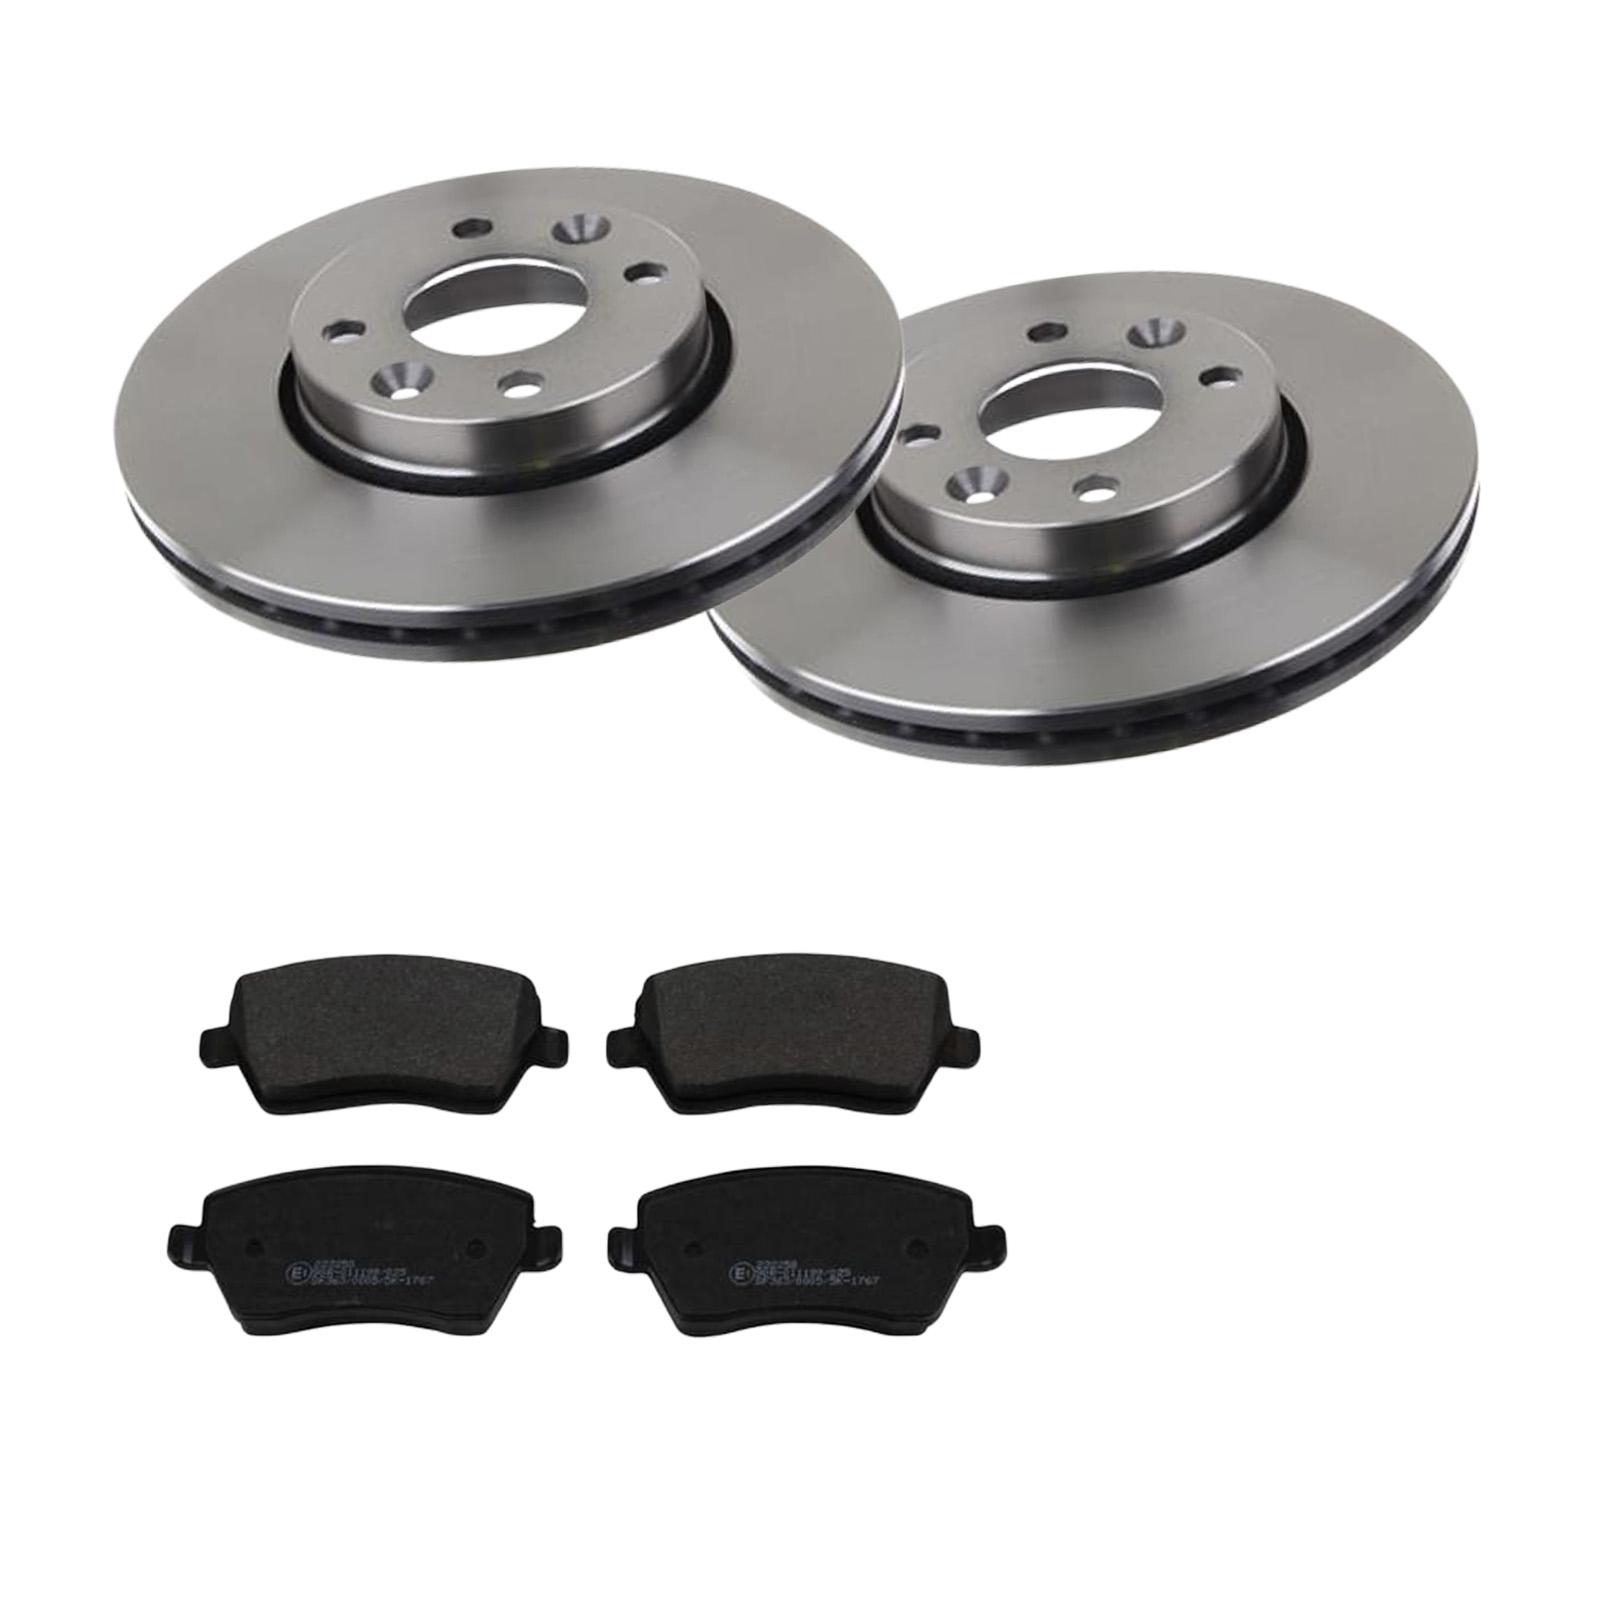 für Toyota ATE2 Bremsscheiben Belüftet 275 mm Bremsbeläge Vorne u.a